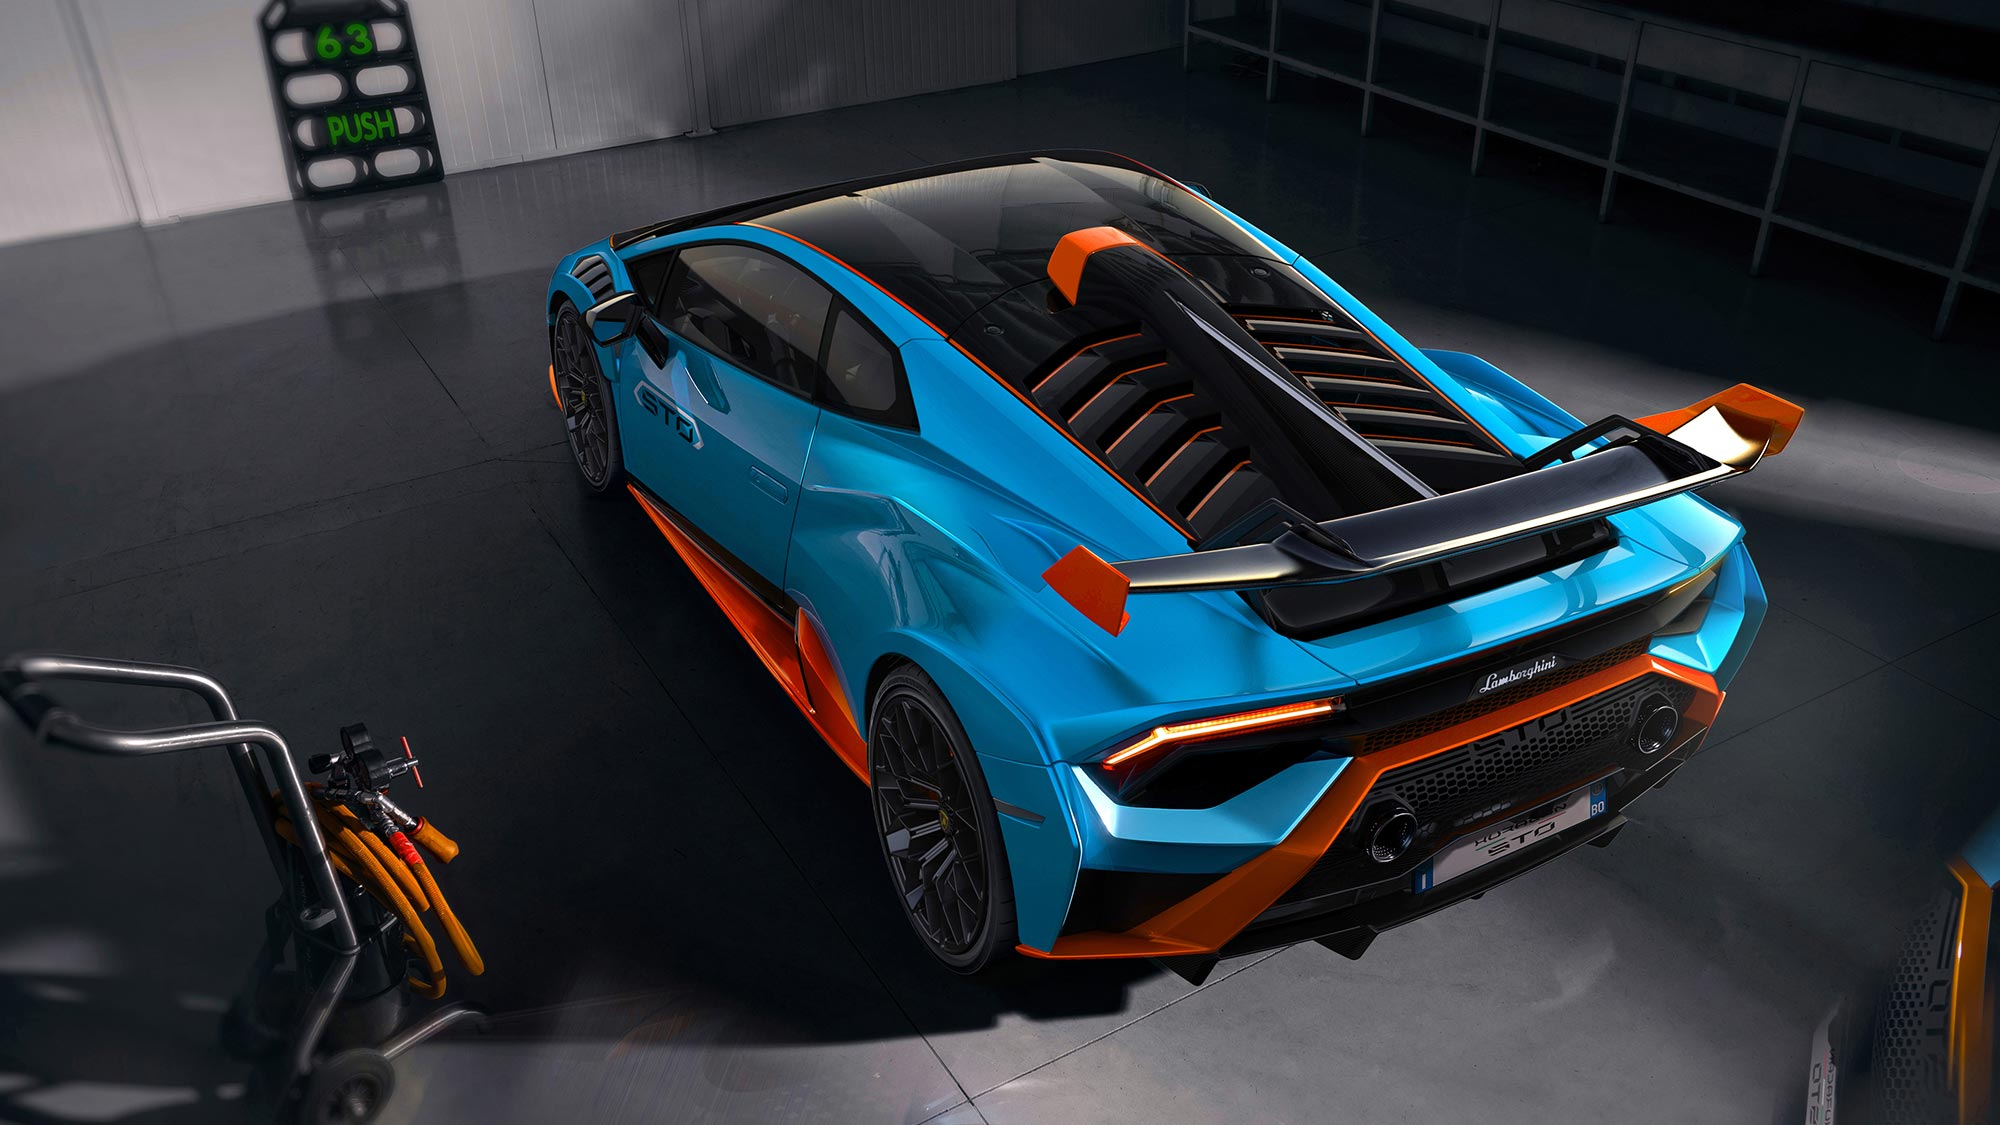 2021 Lamborghini Huracán STO Supercar